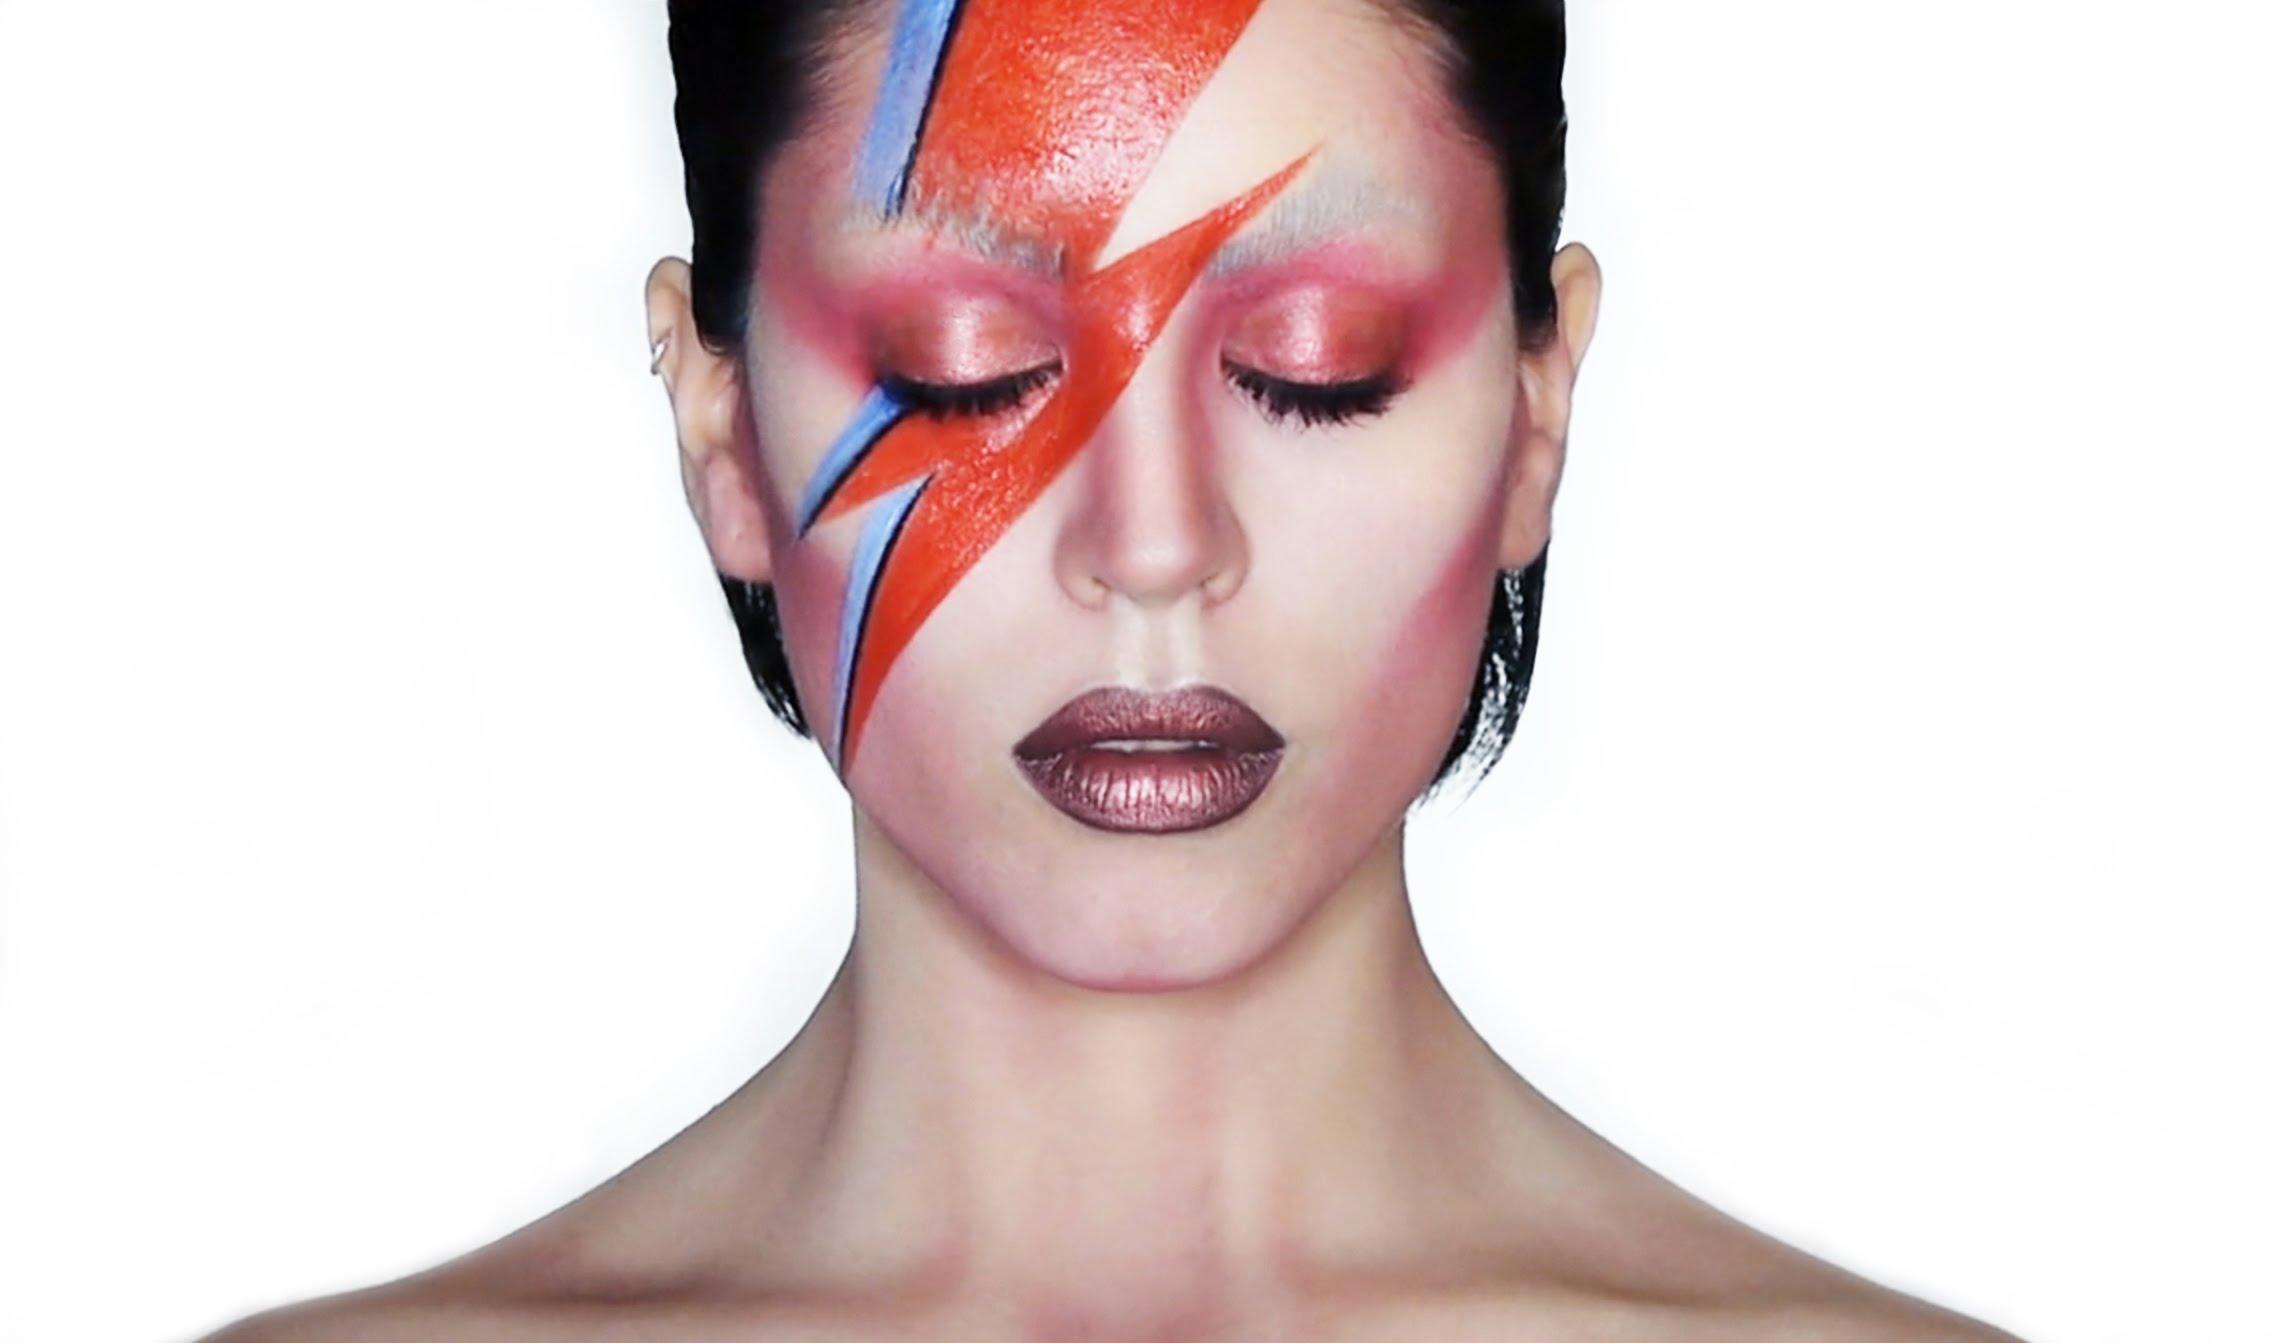 David Bowie Lightening Bolt Eye Makeup Tutorial